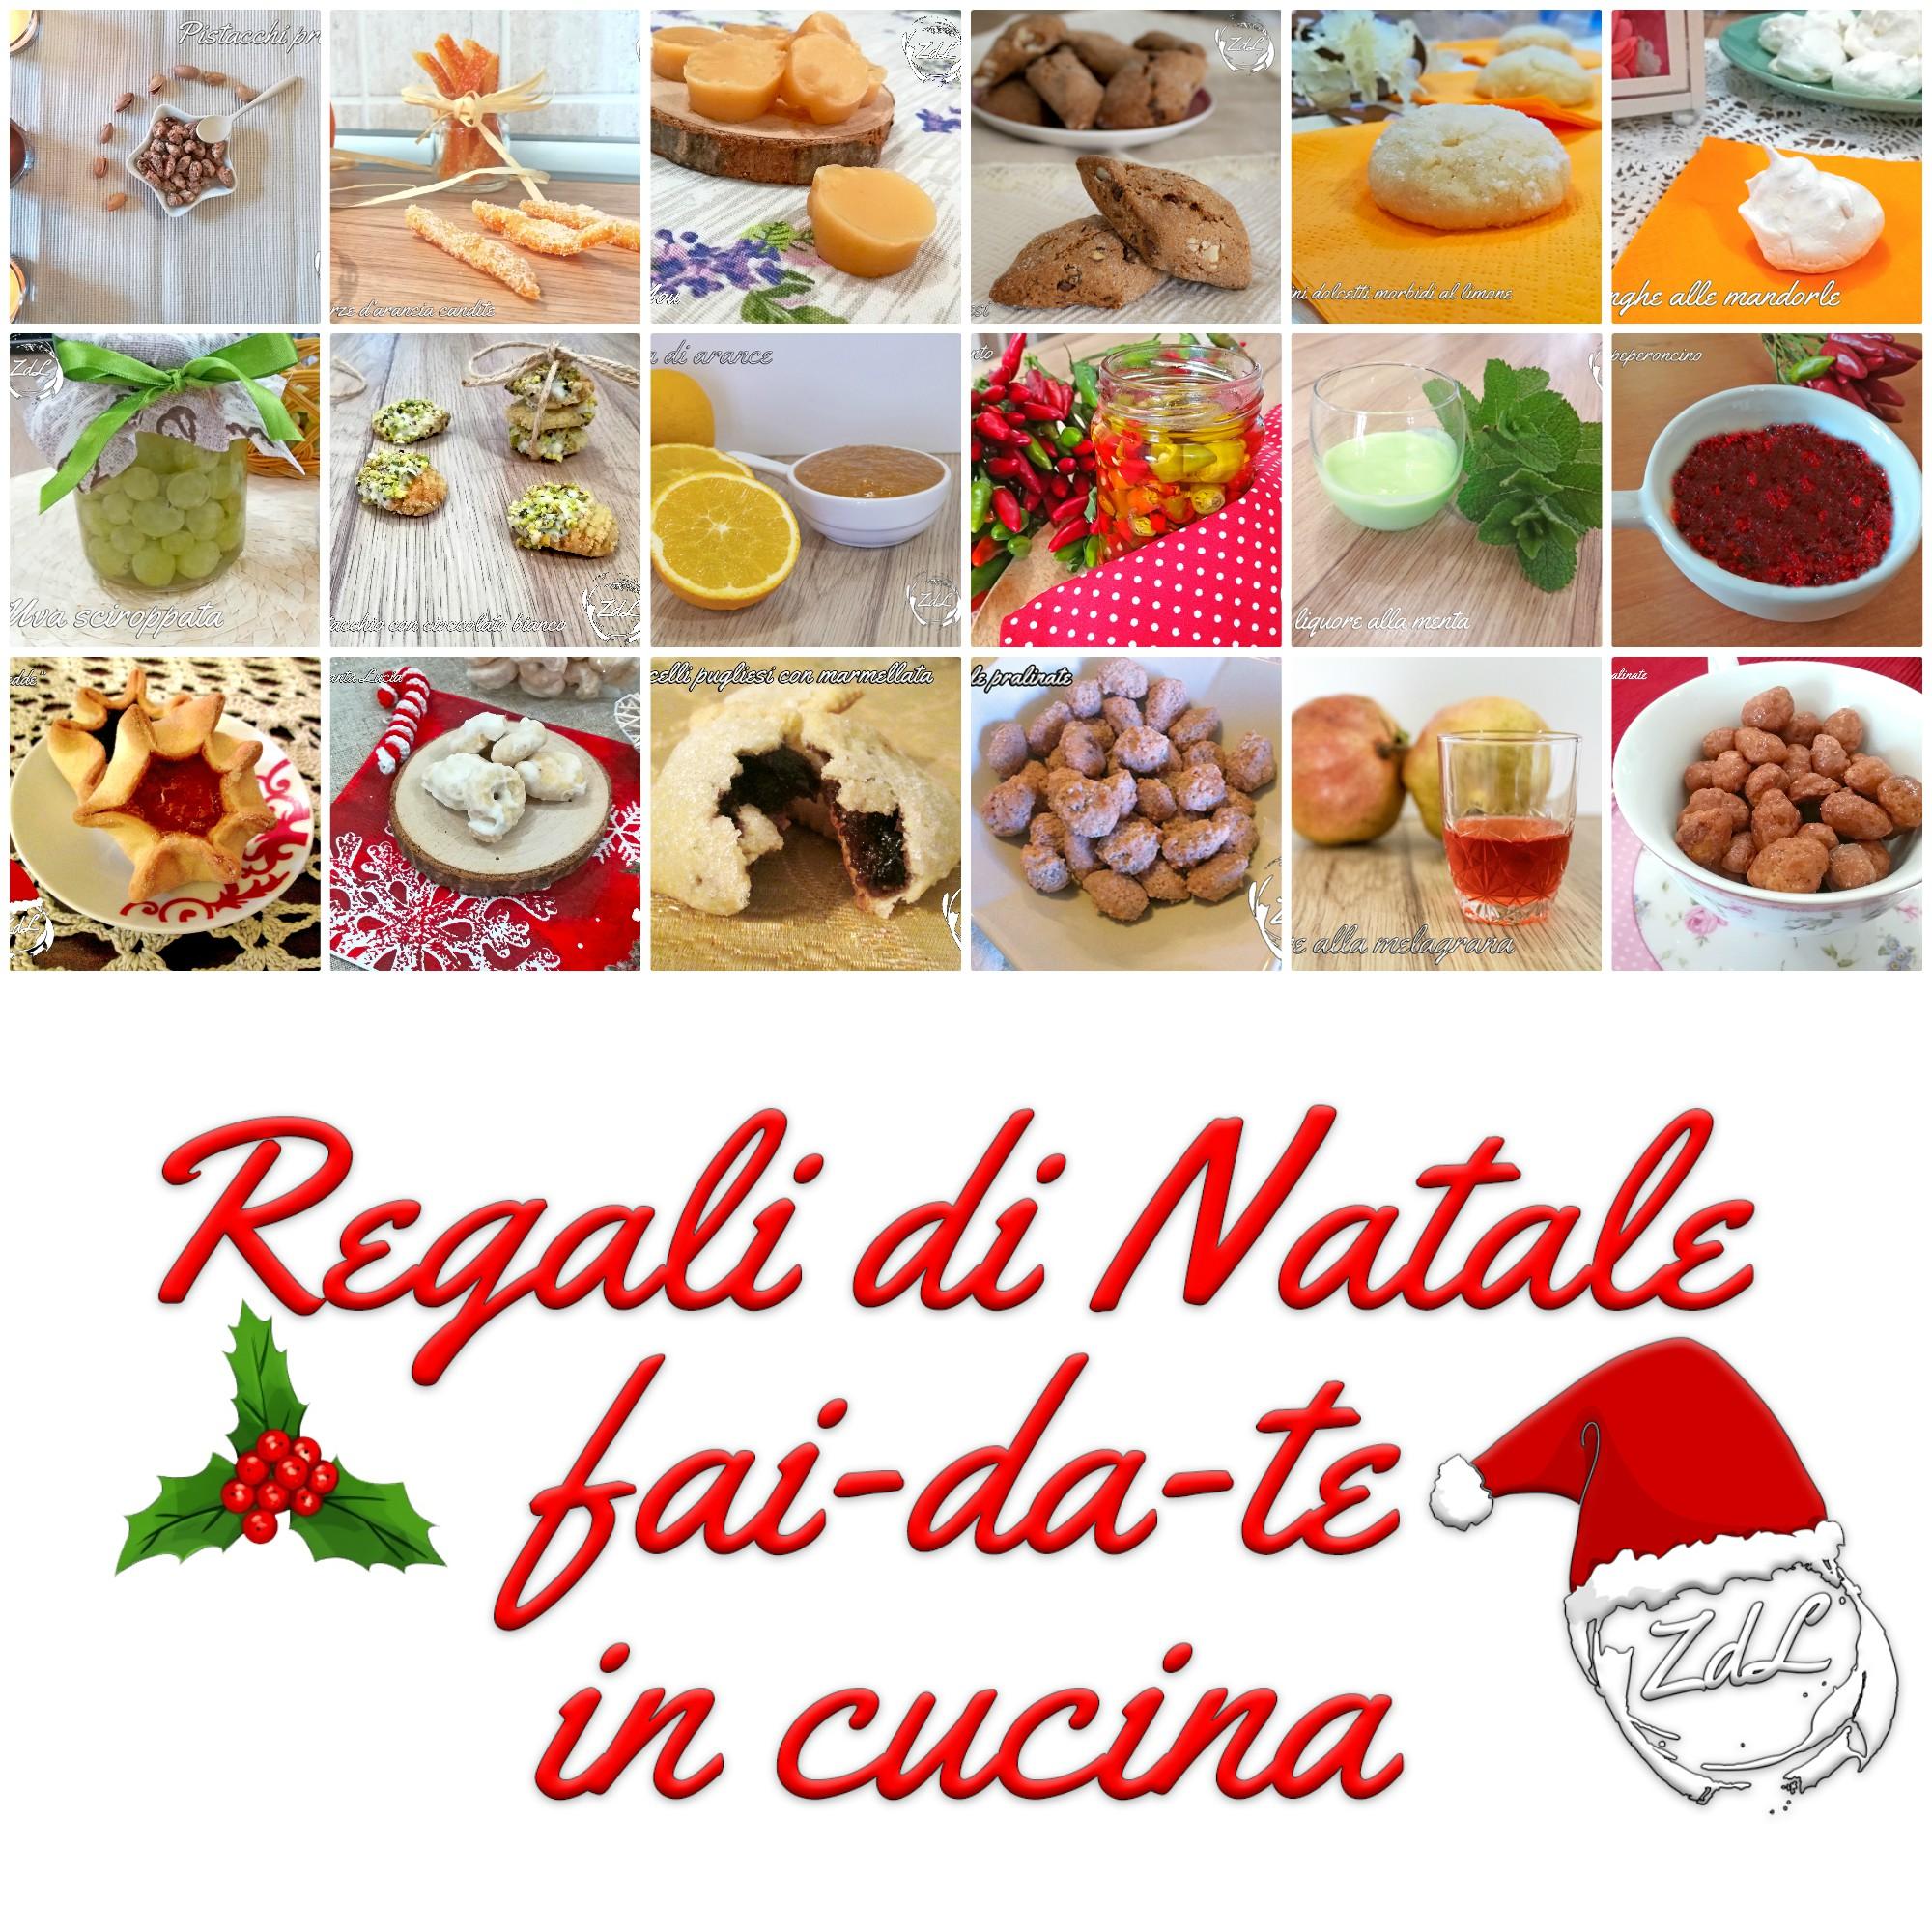 Regali di Natale fai-da-te in cucina idee facili per regali ...